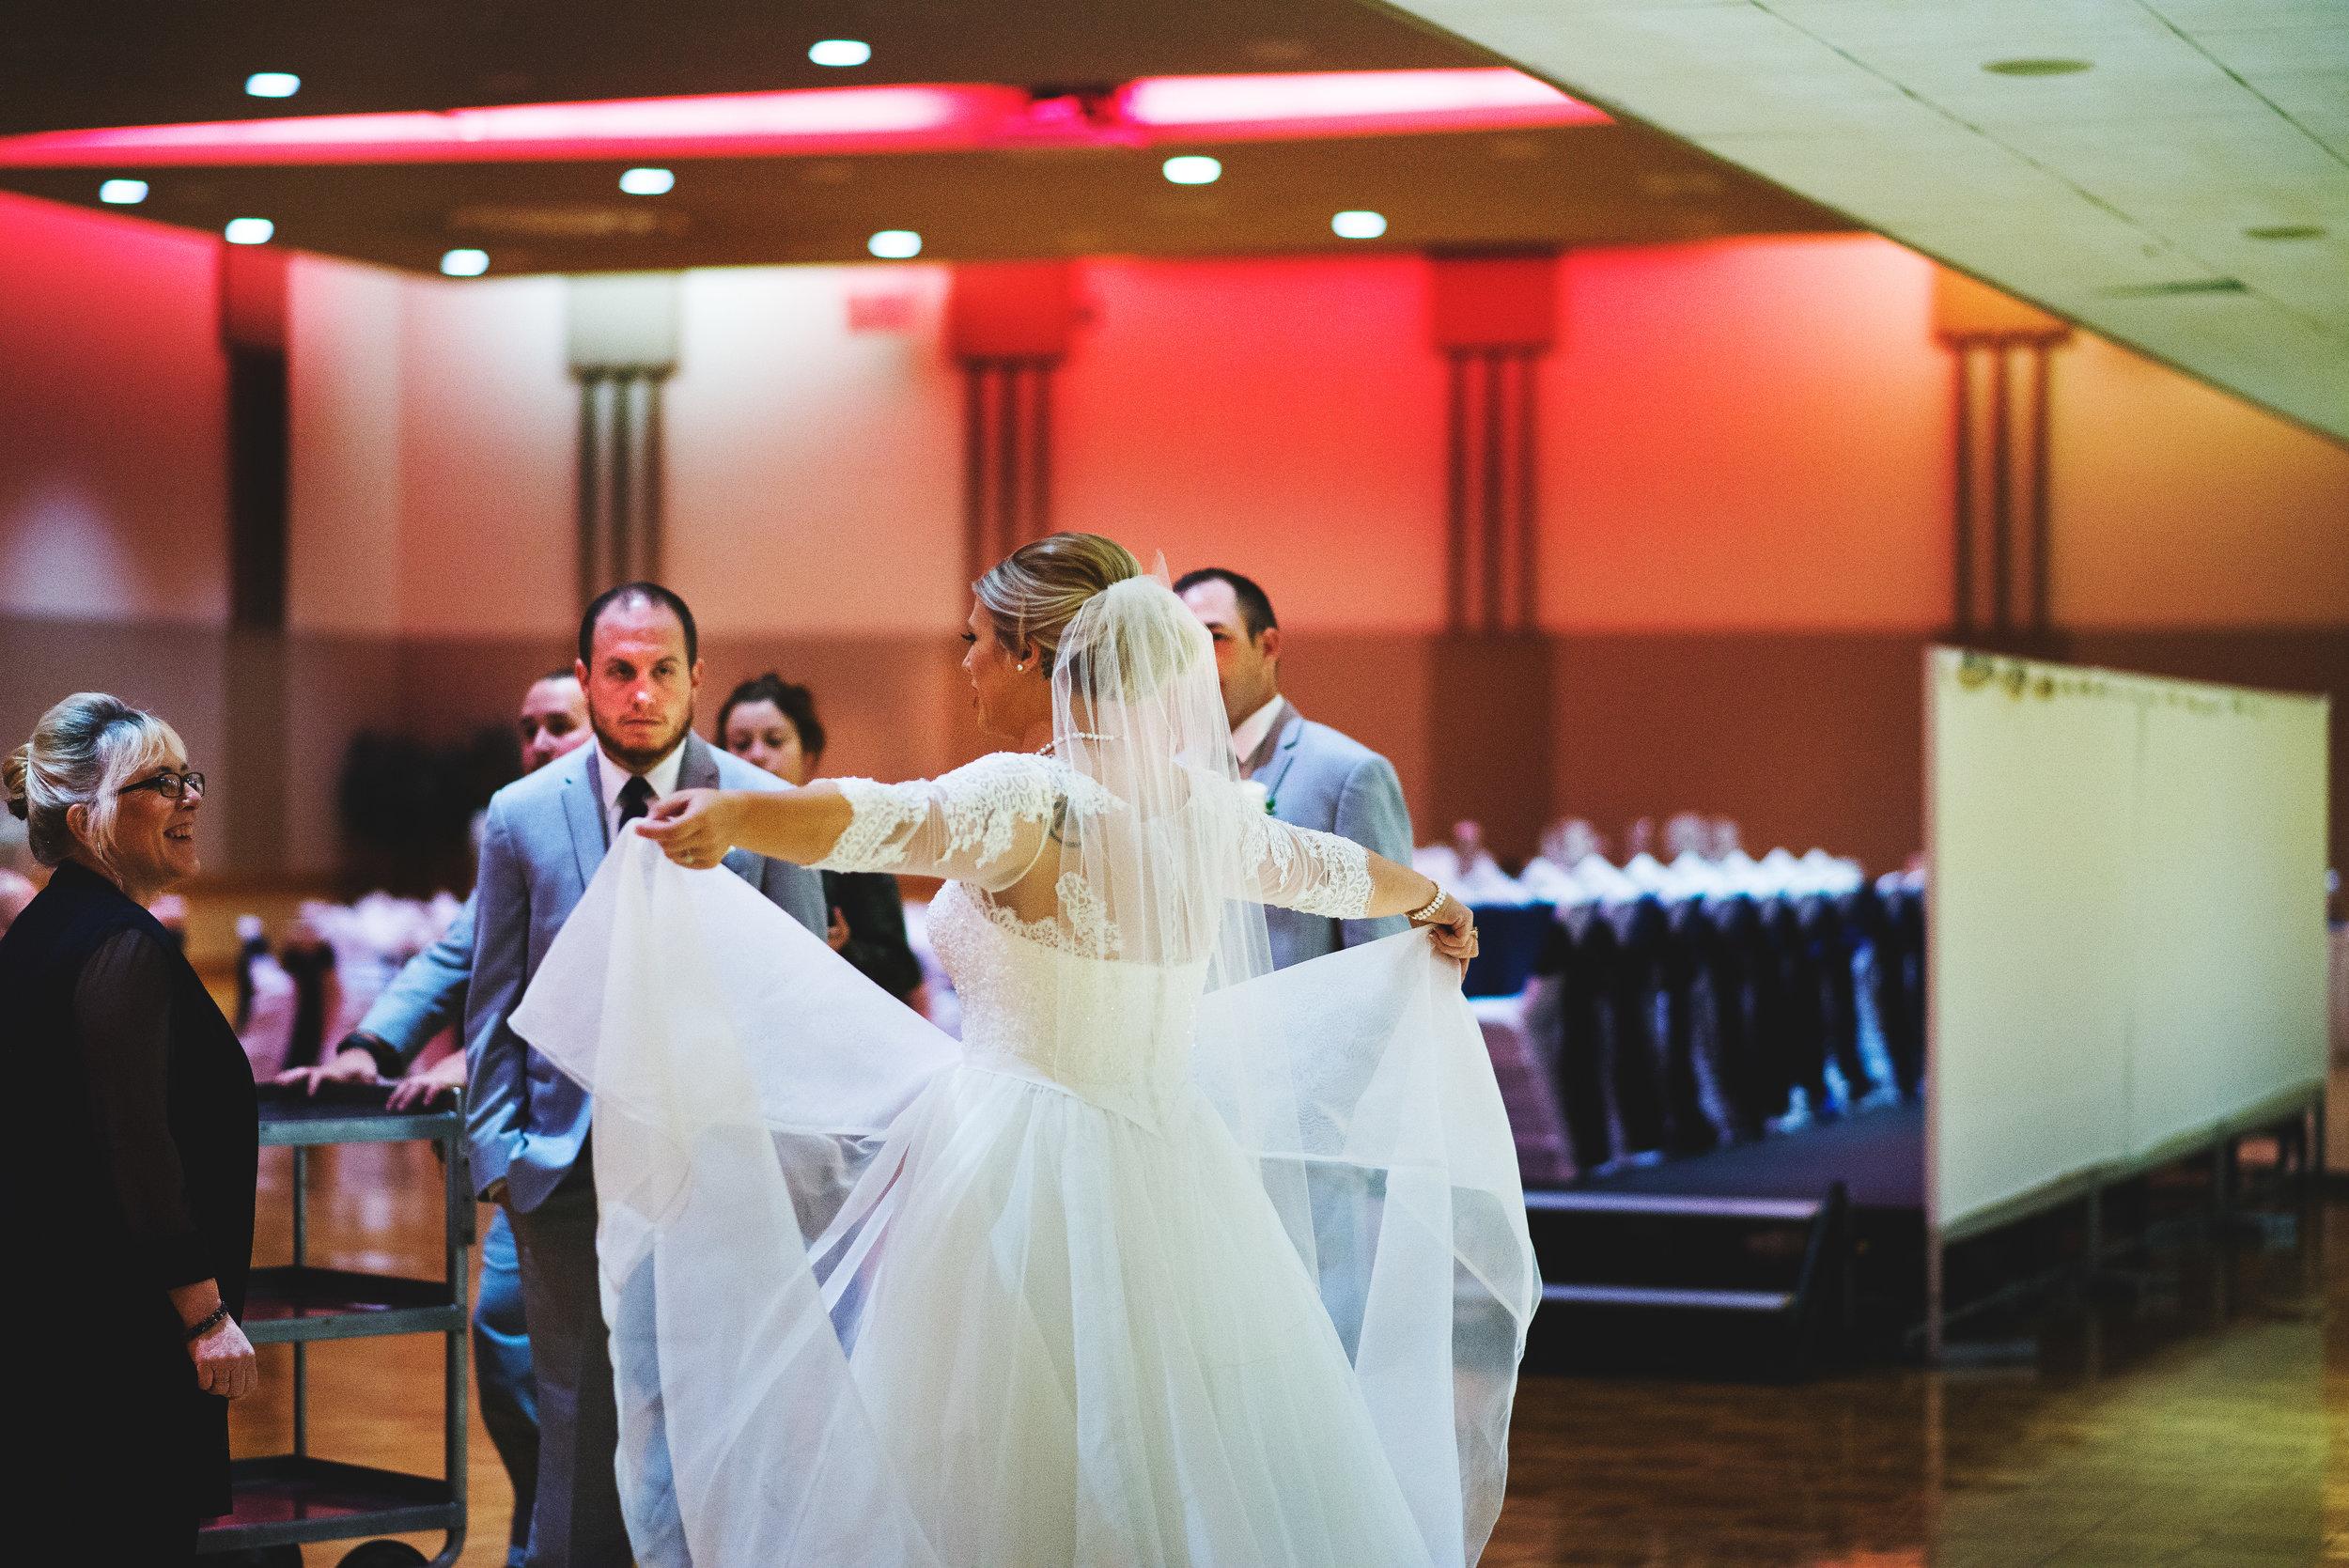 King-Northern-Illinois-University-Wedding053.jpg